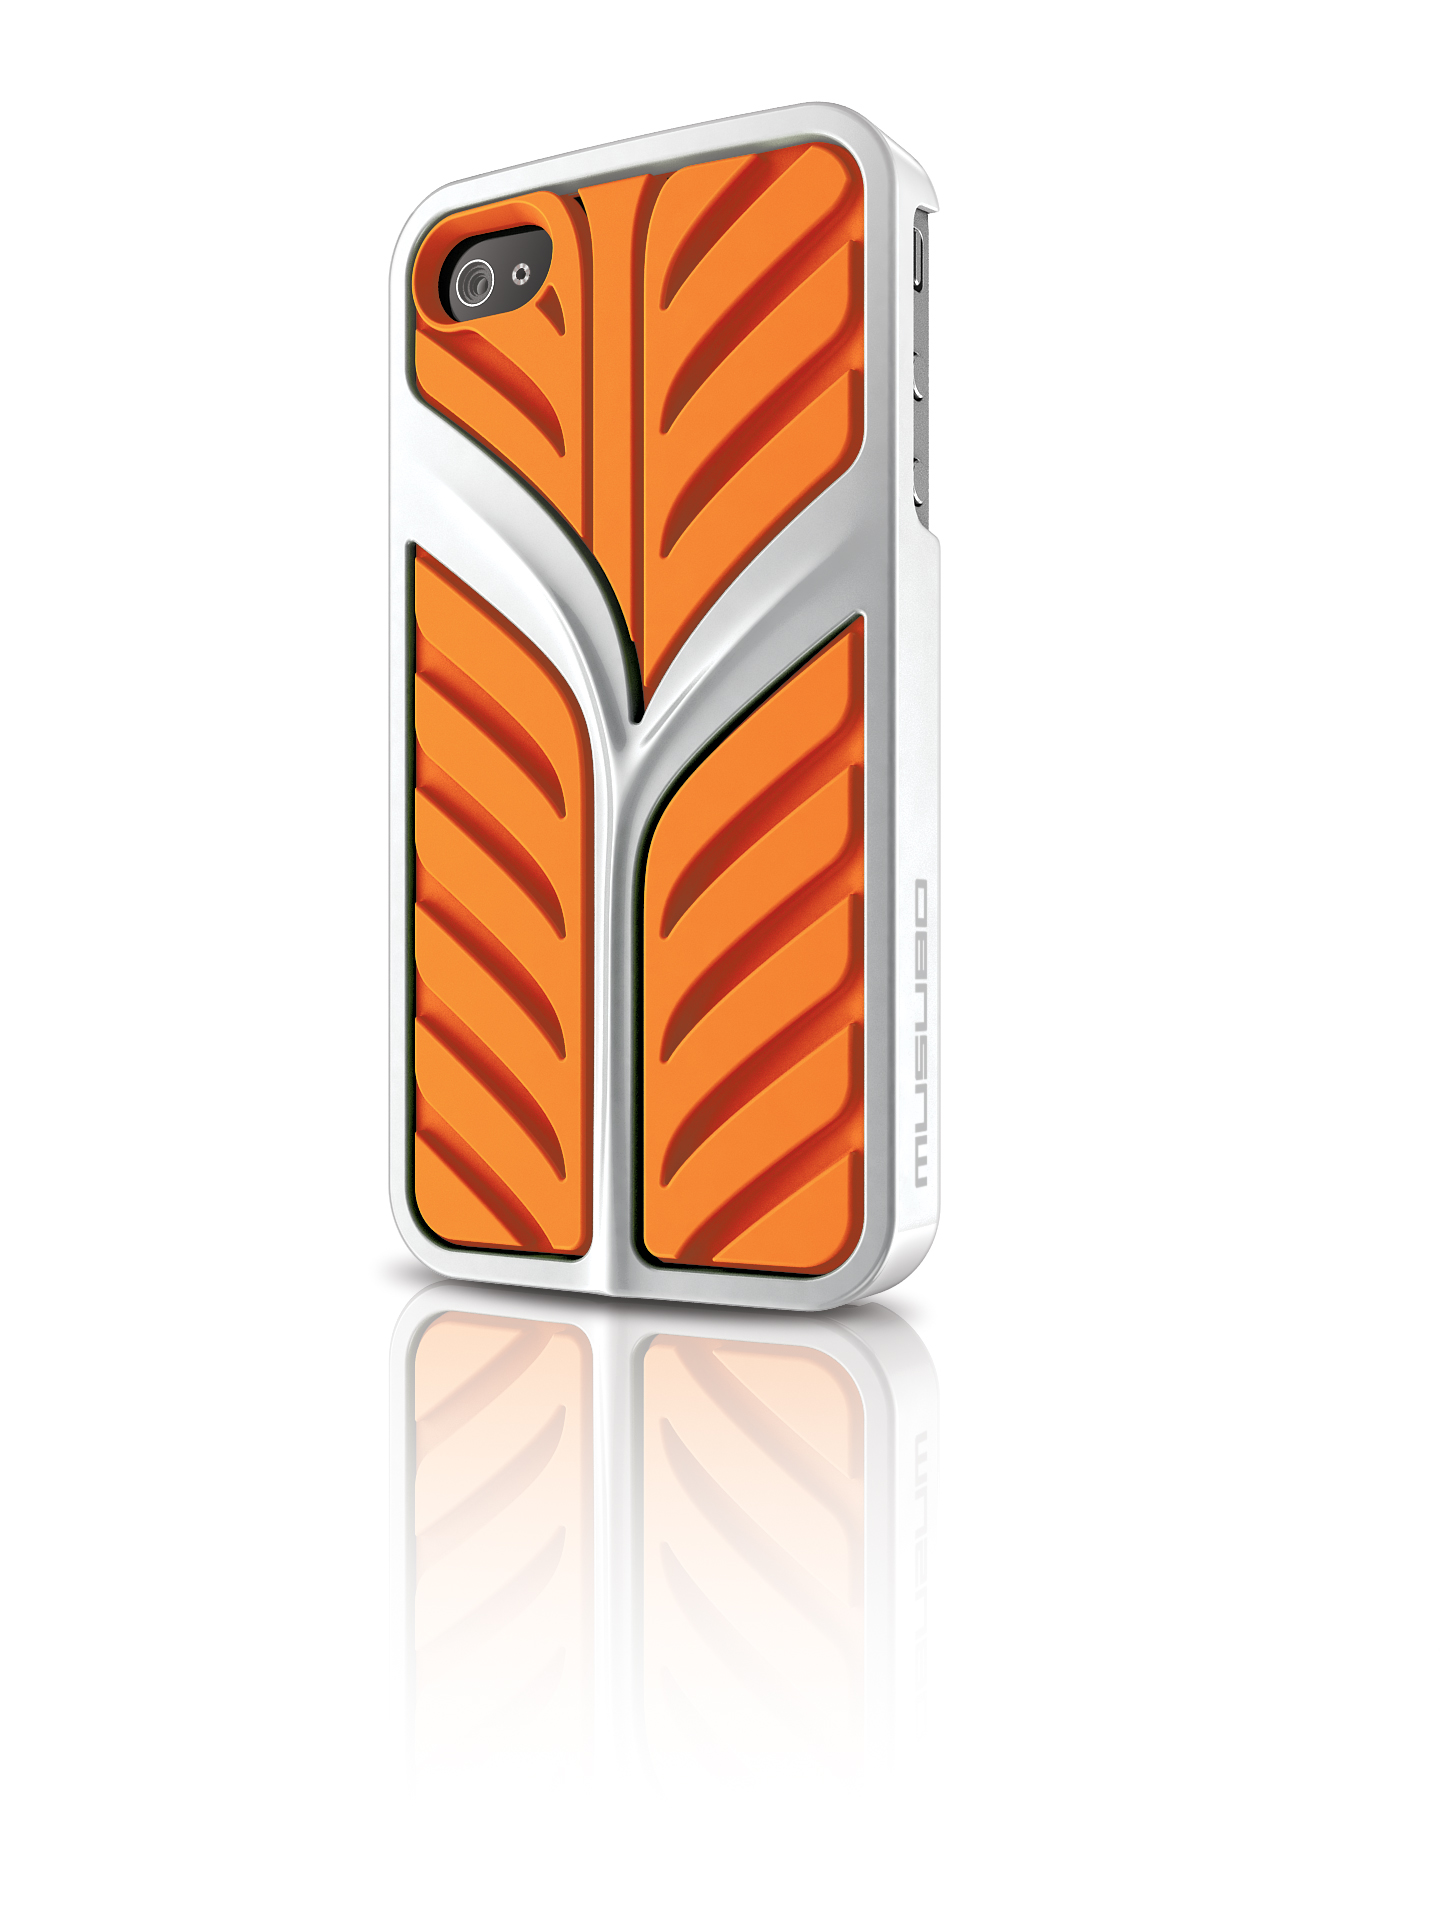 Original Musubo Case Eden  Iphone 4S/4G Orange Retail